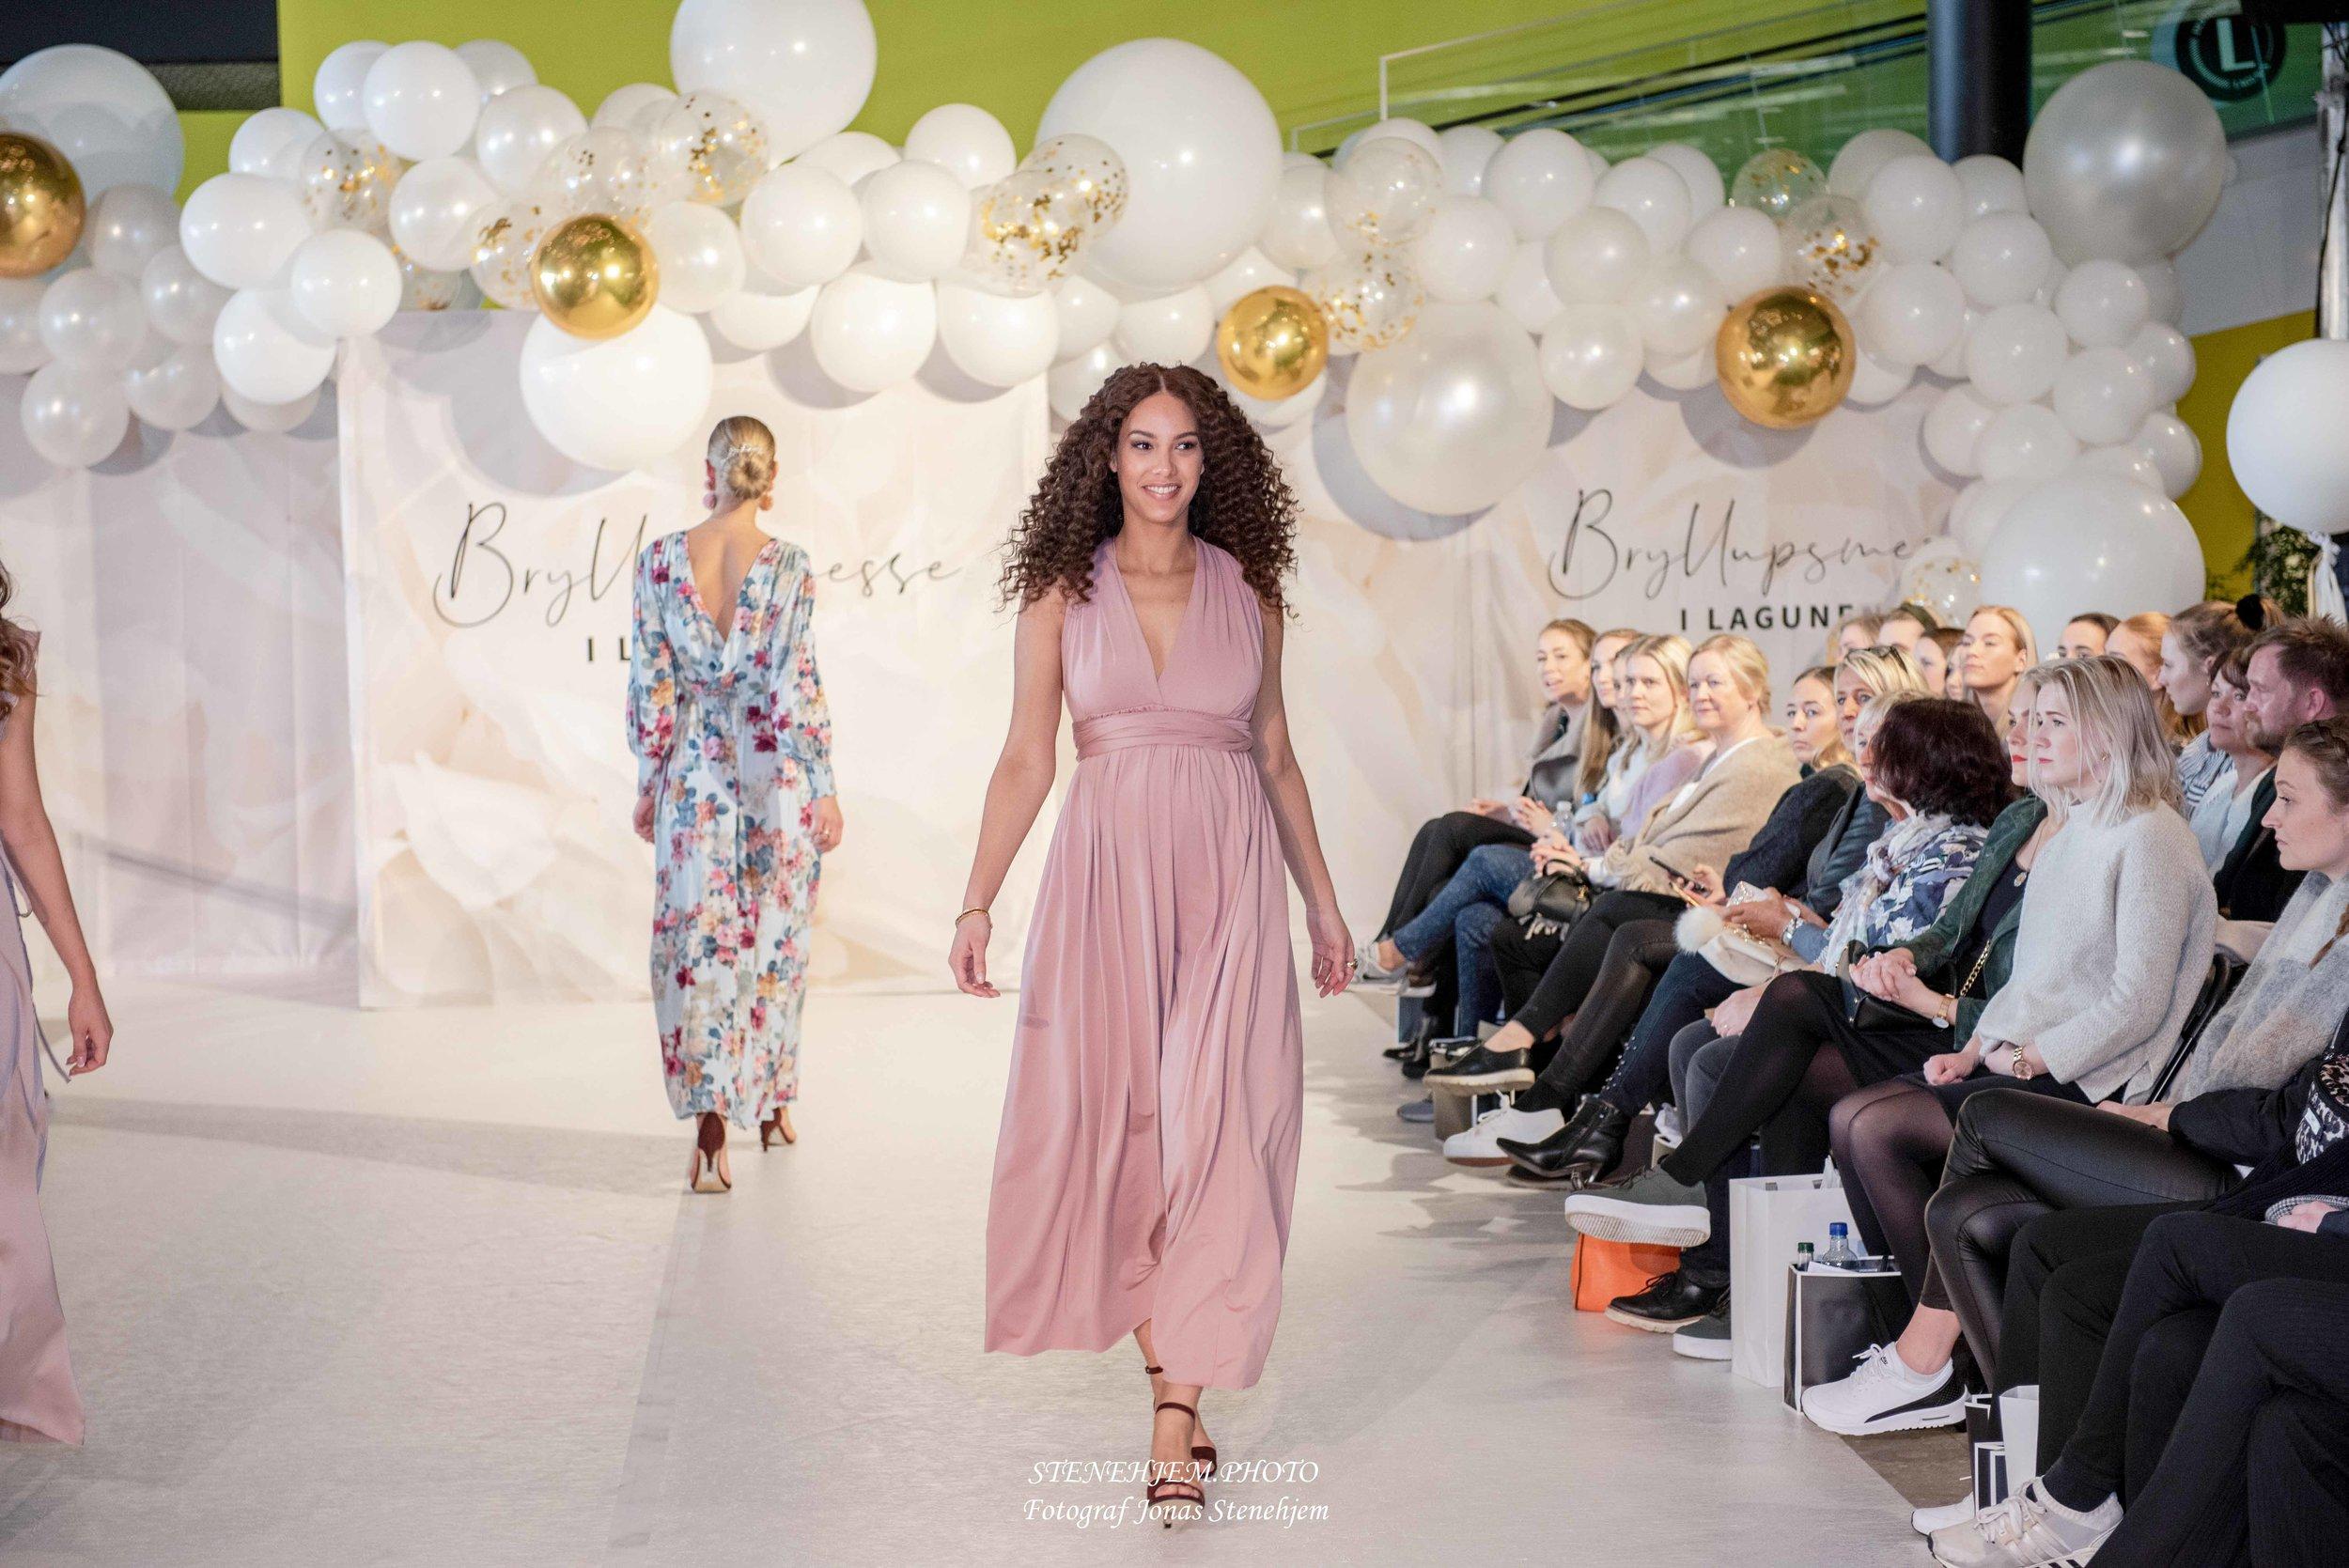 lagunen_fashion_mittaltweddingfair__005.jpg